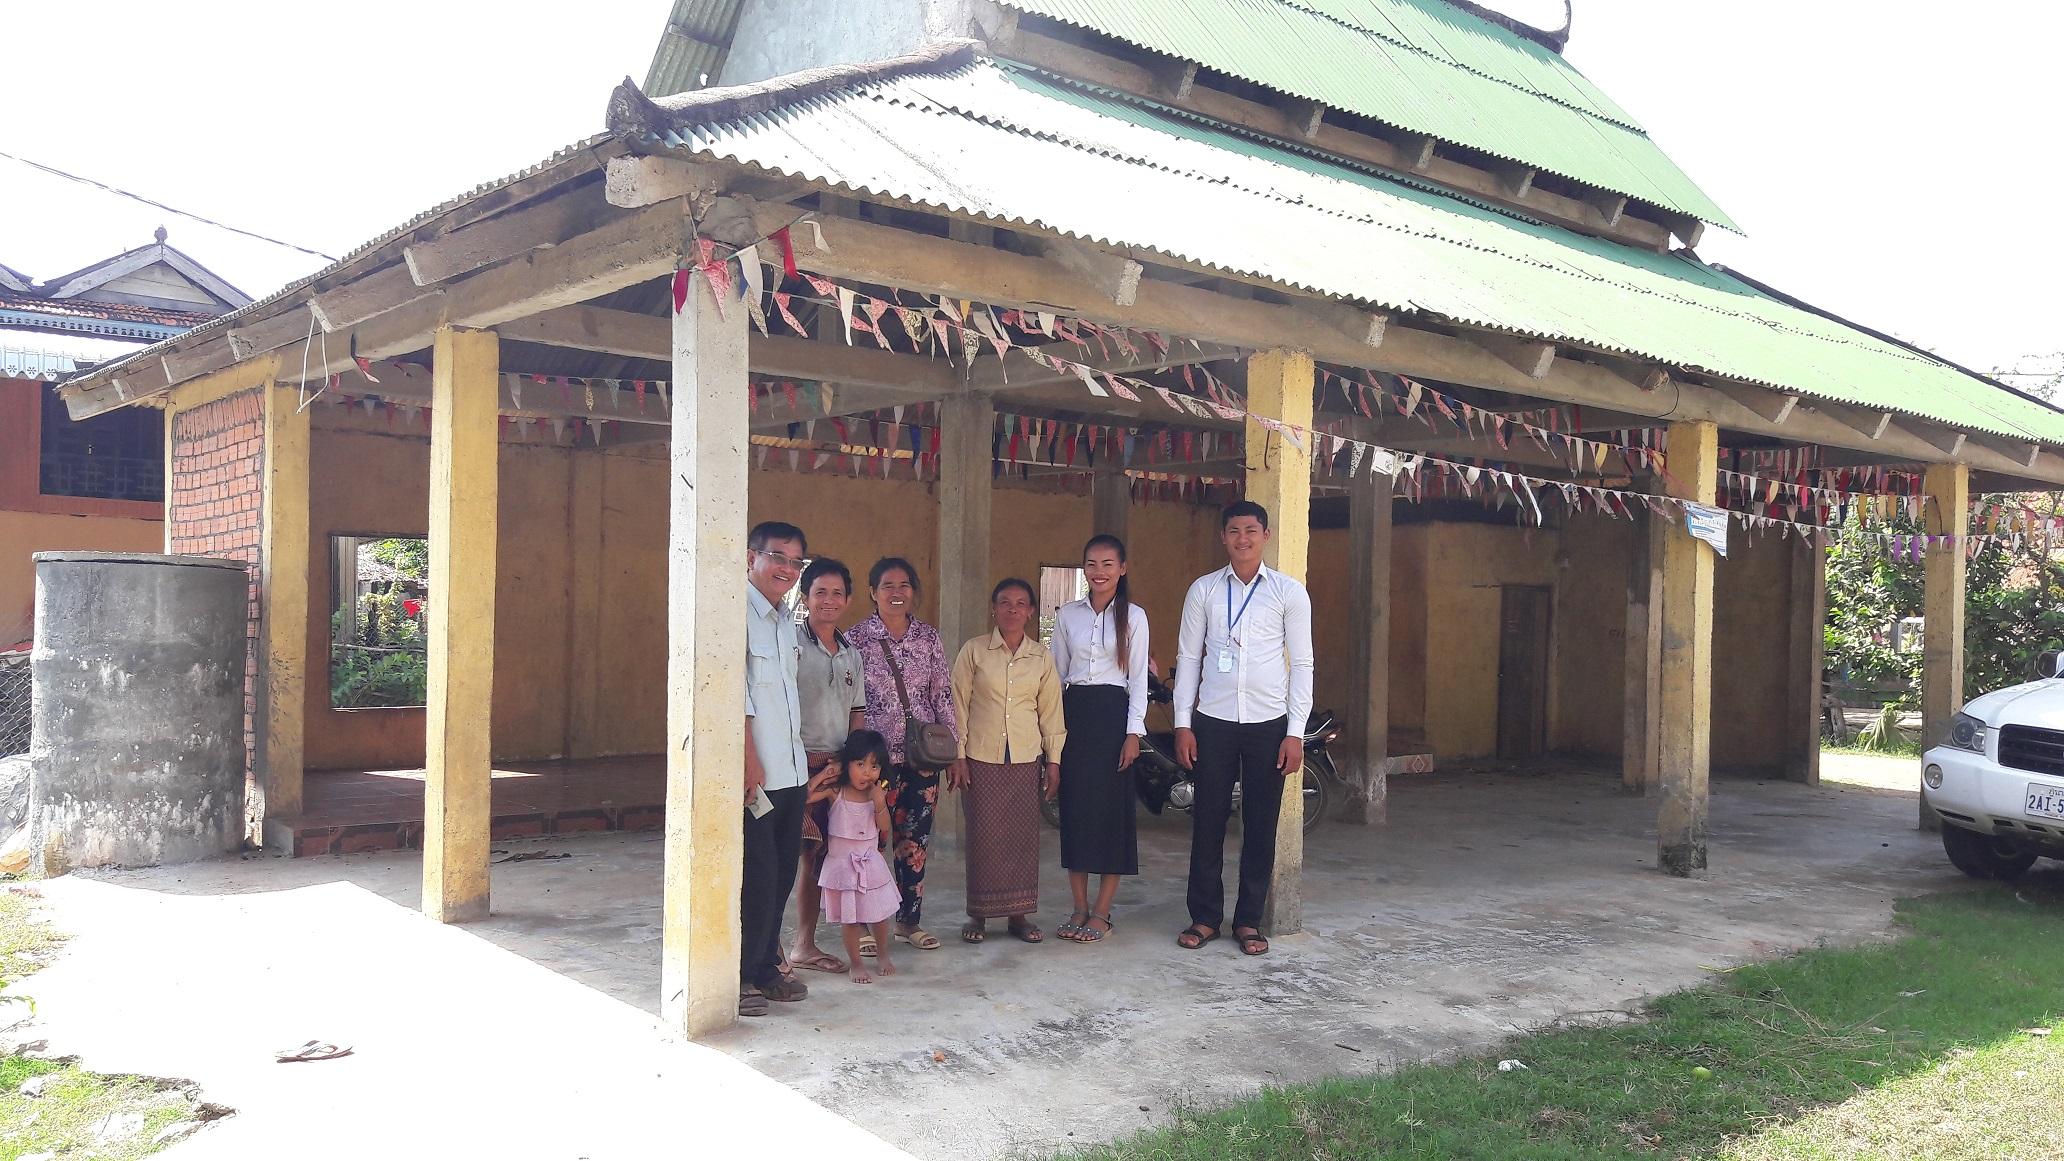 រូបថត៖ ក្រុមការងារអង្គការ ពិនិត្យទីតាំងភូមិមាត់អូរ  Photo: CCAFO Team visit Mort Or Village